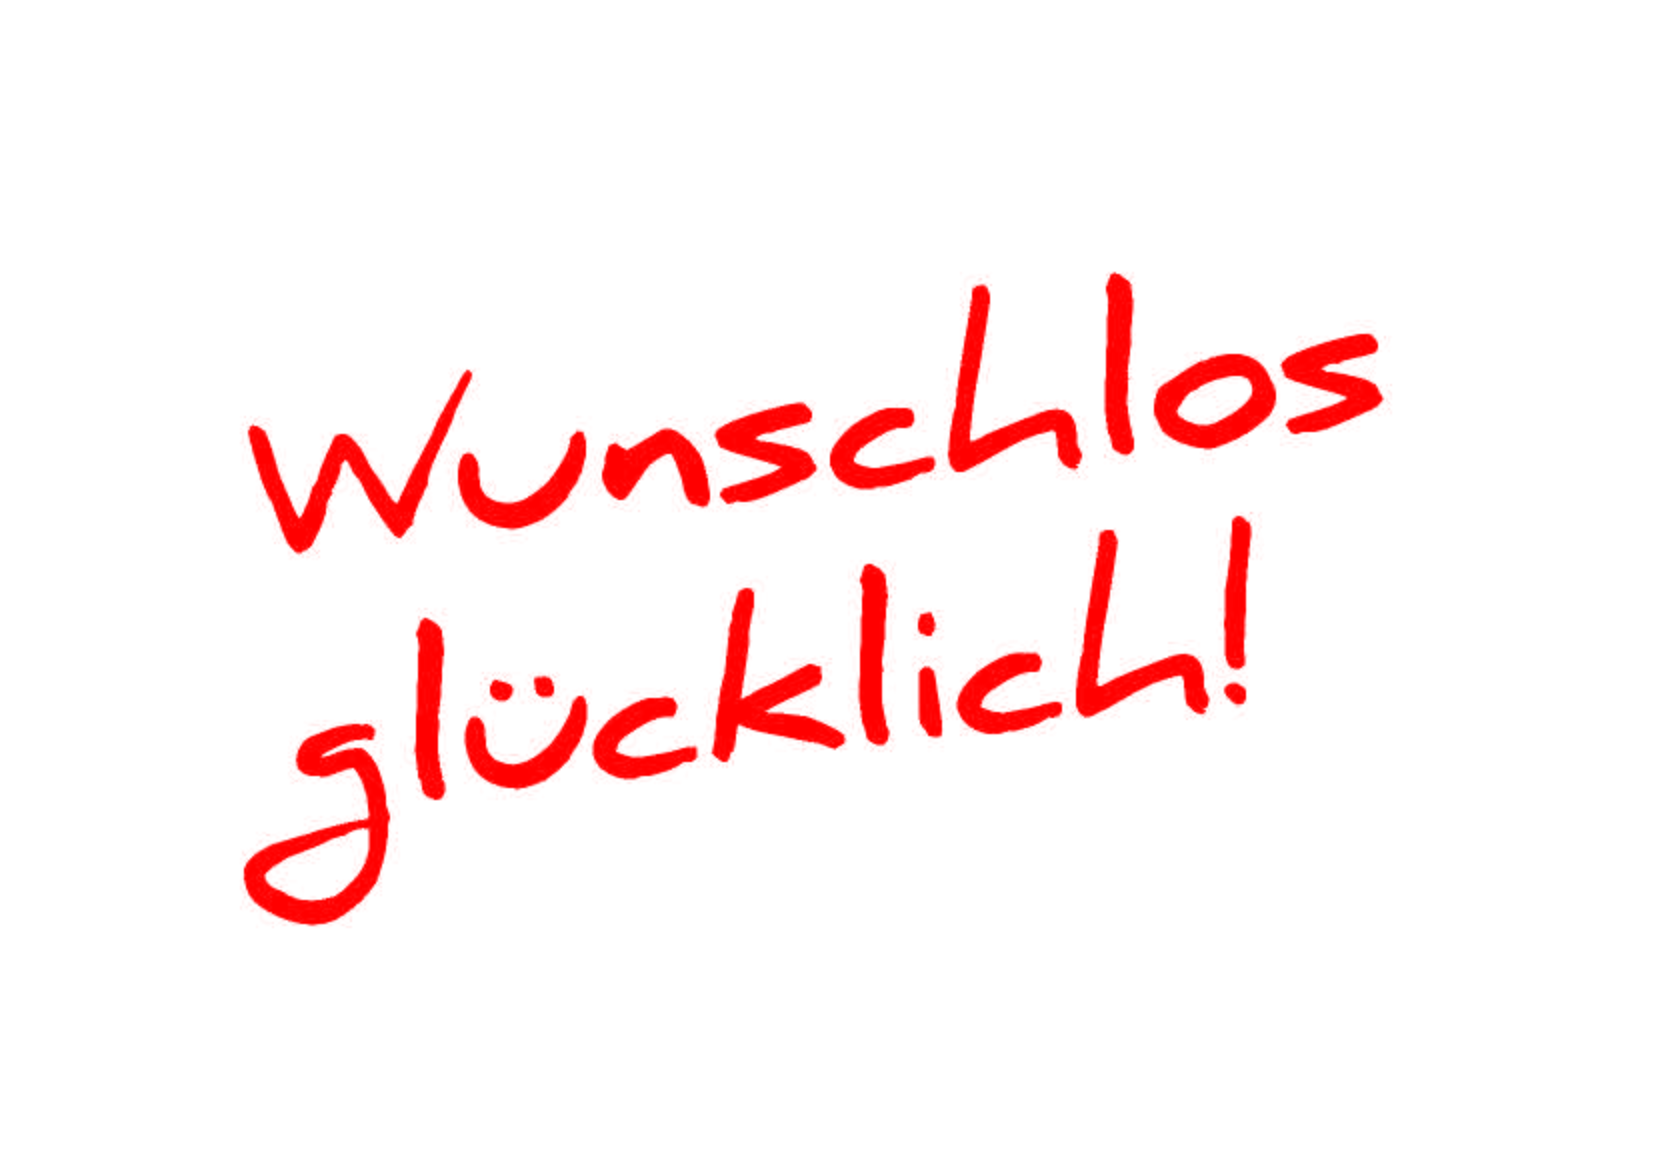 Wunsch-Los